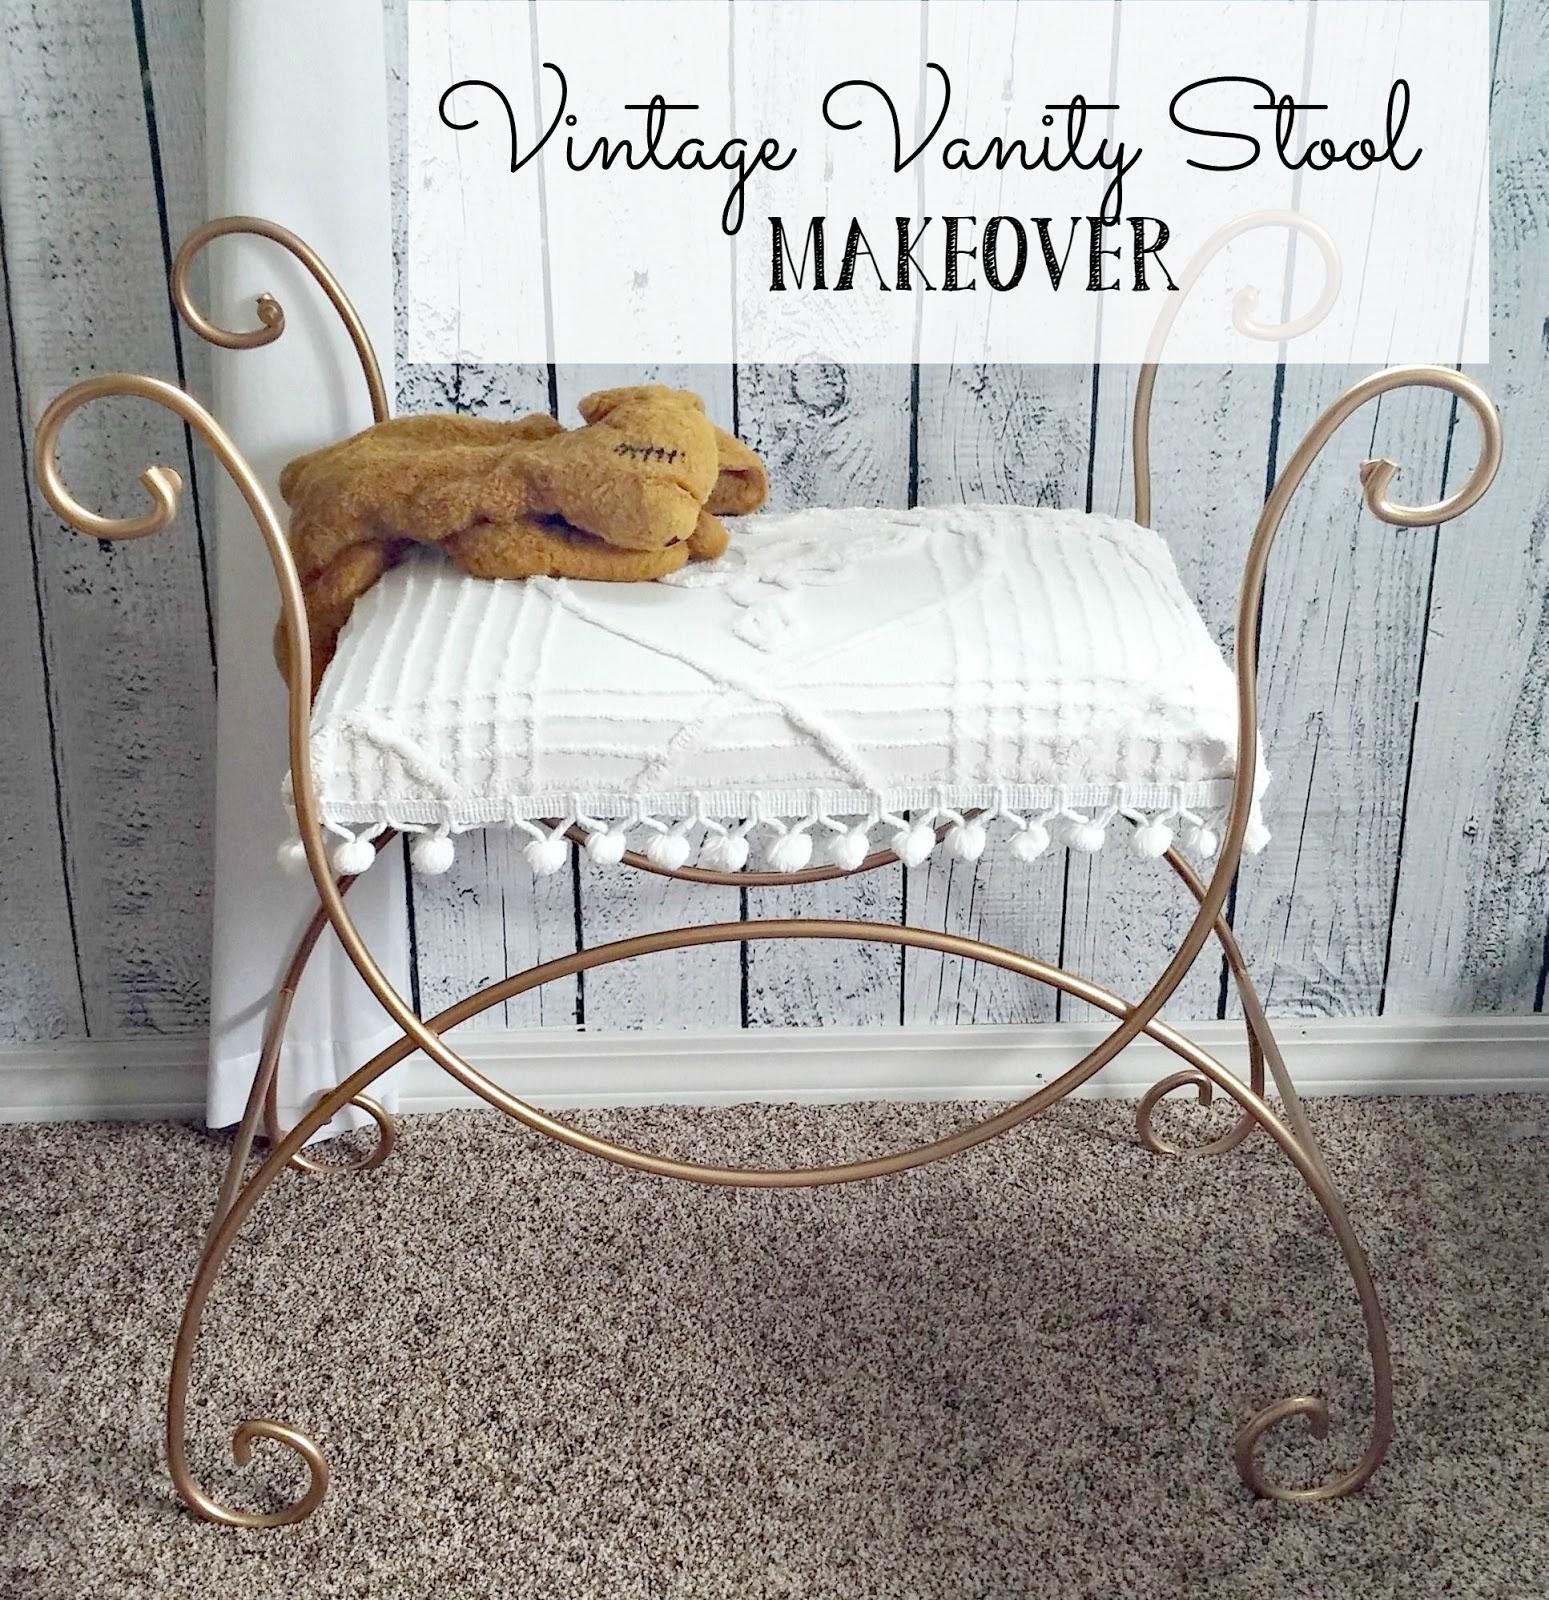 vintage vanity stool - Vintage Vanity Stool Makeover - Little Vintage Cottage